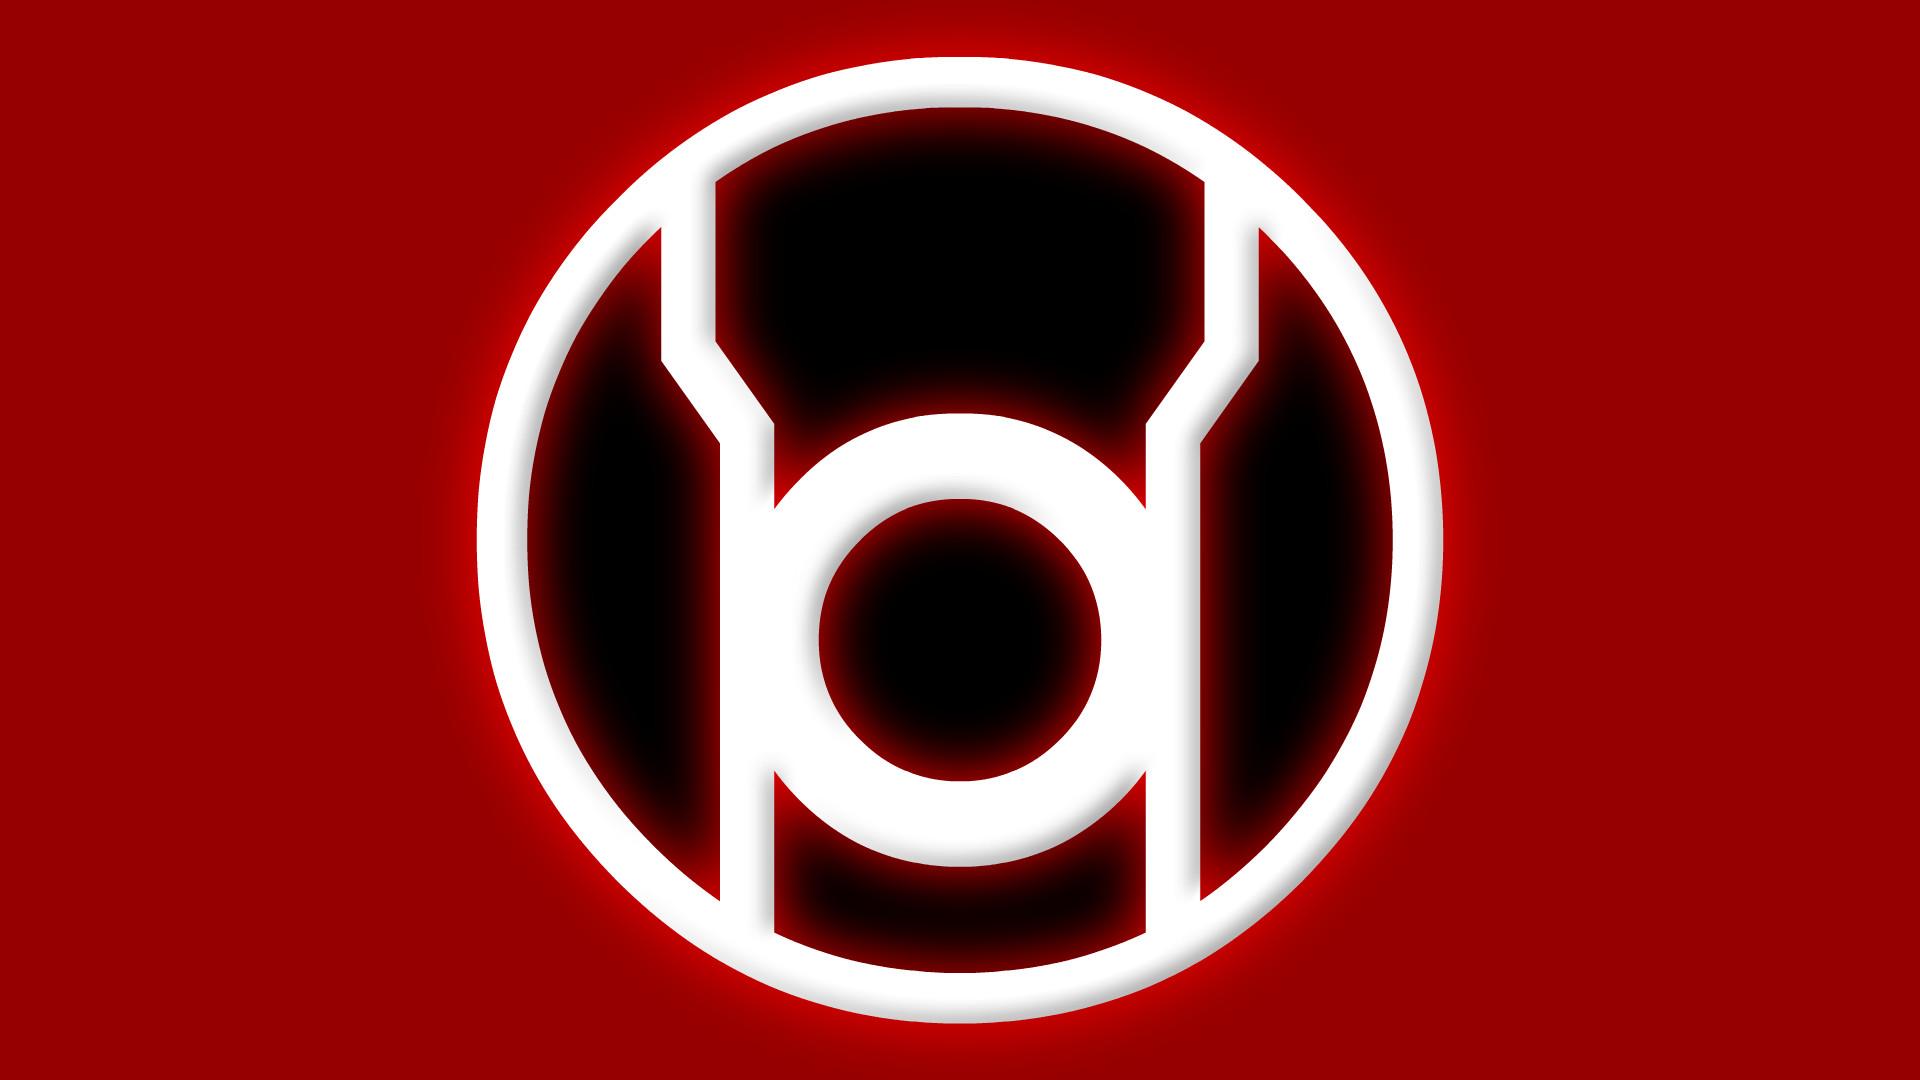 Red Lantern Symbol Wallpaper 62 Images